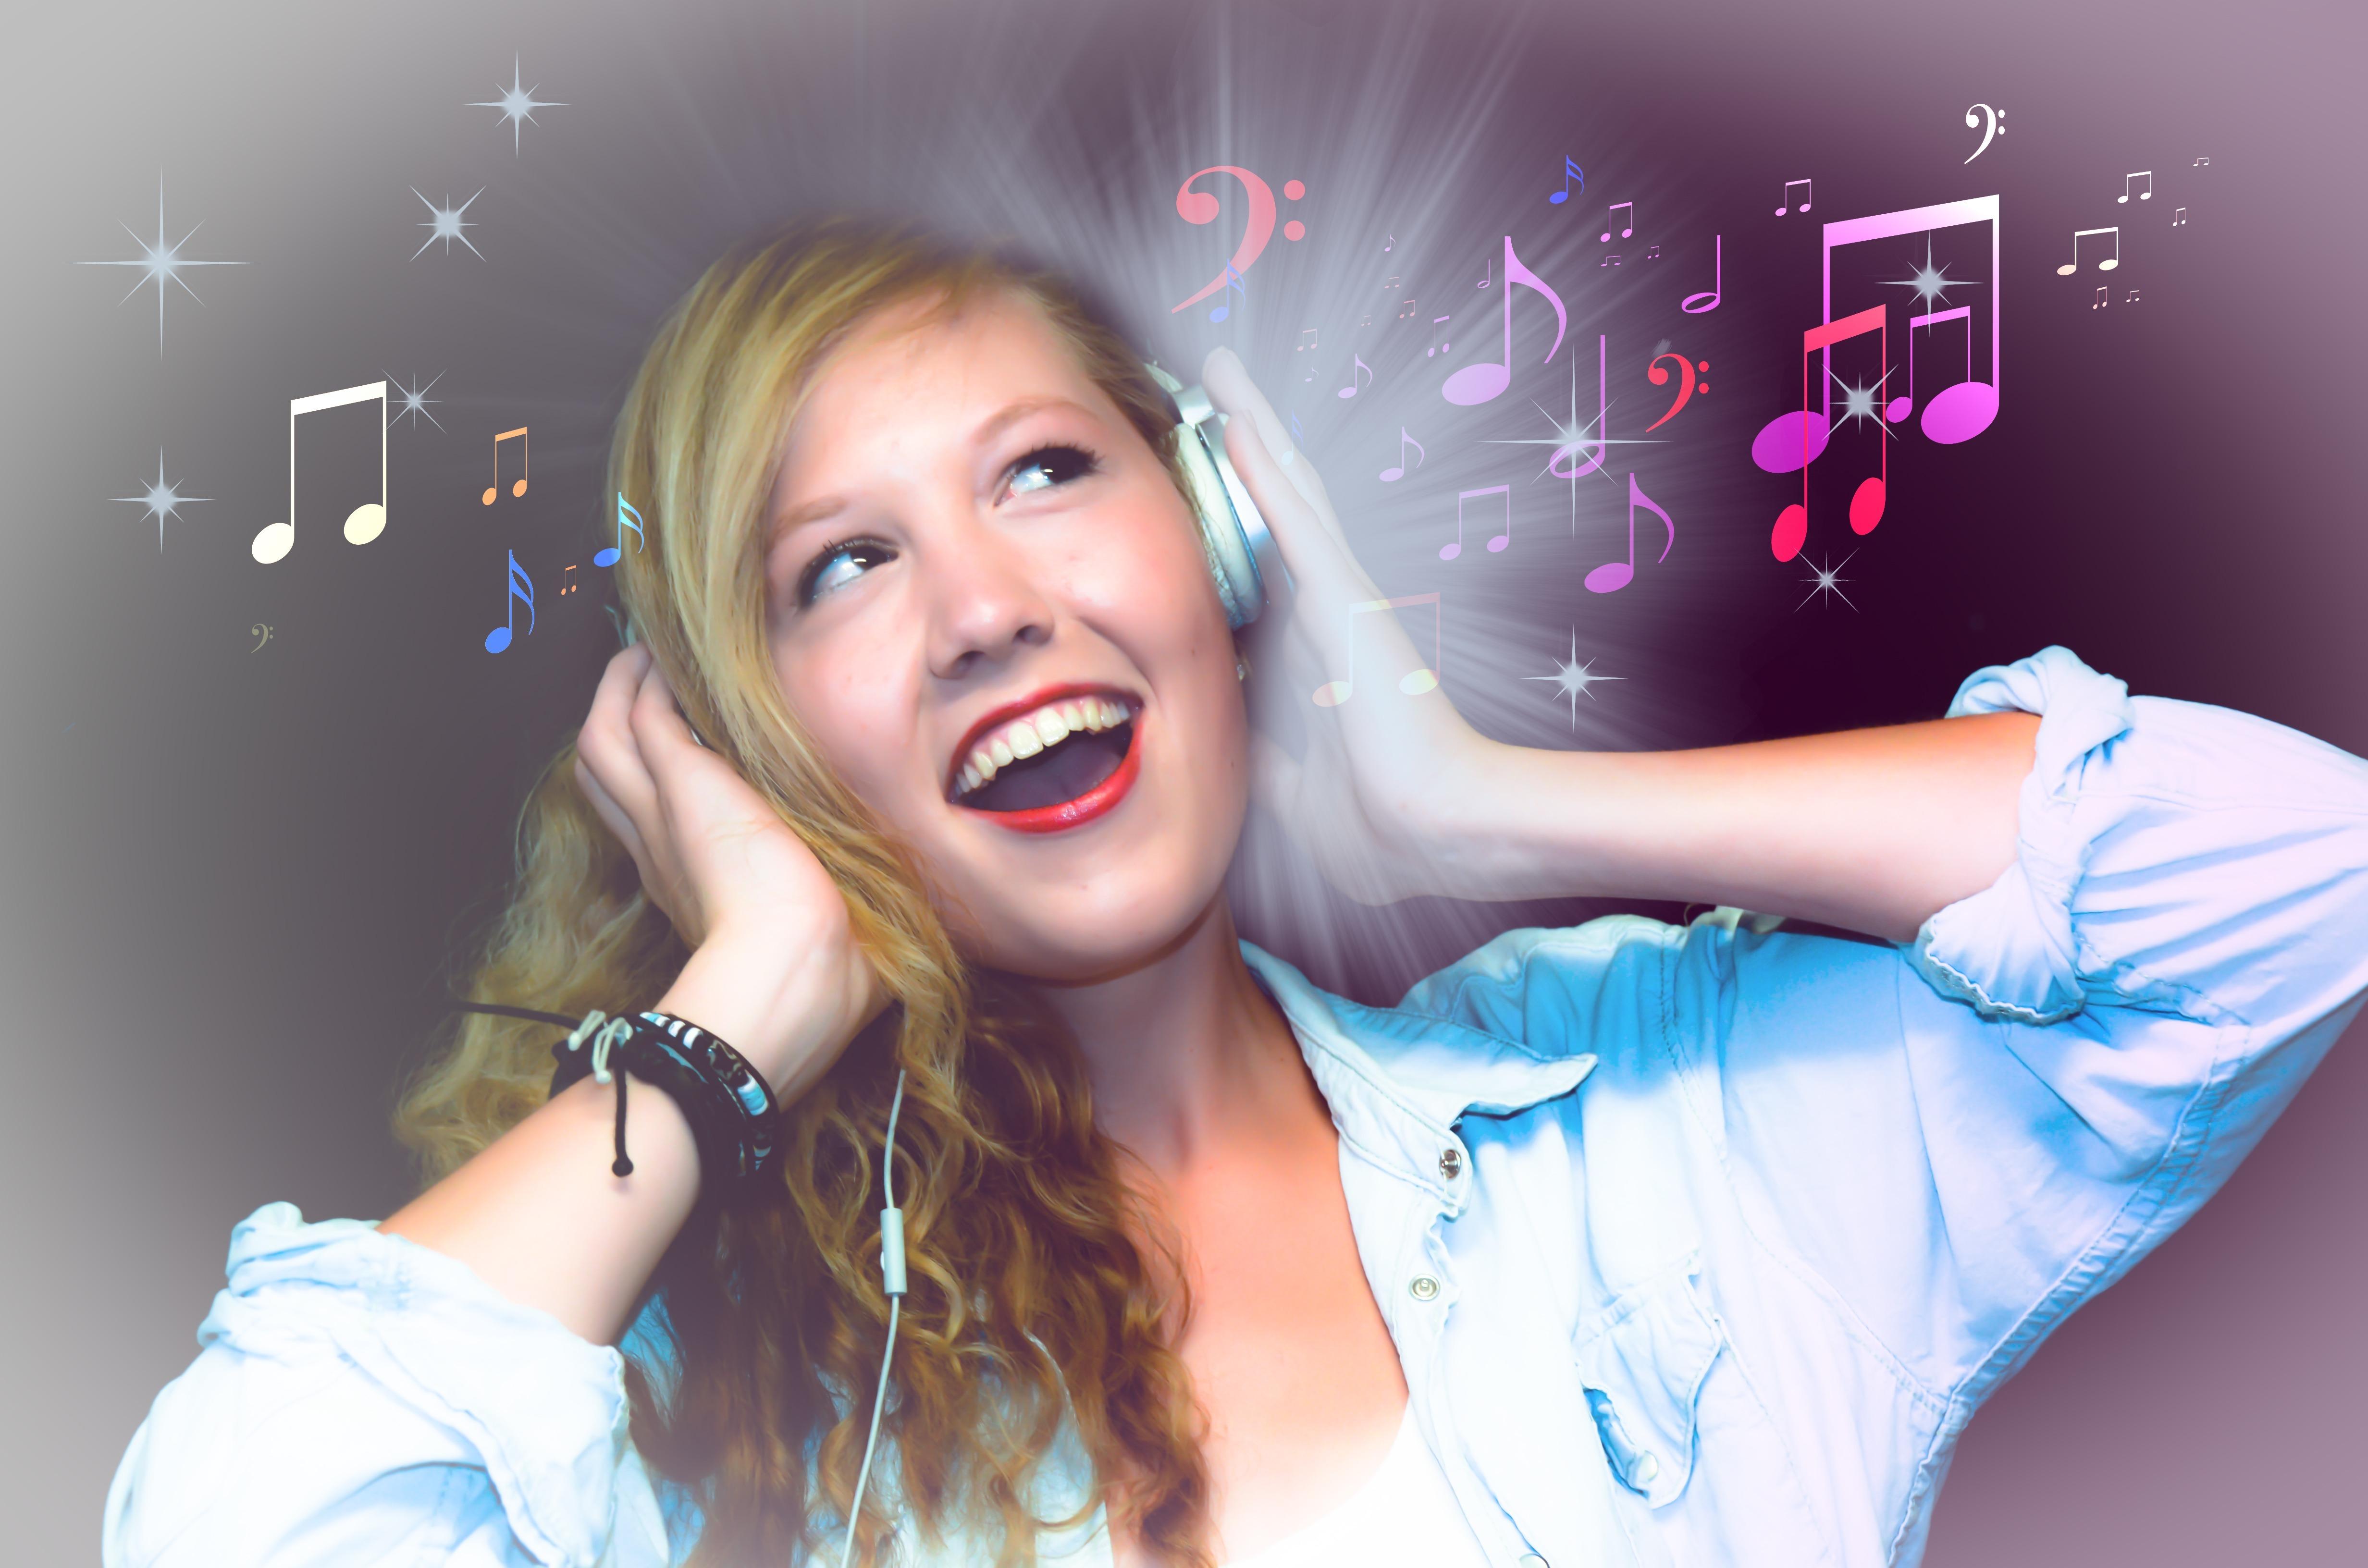 在学习声乐的过程中,不了解这些系统,你还唱什么歌?